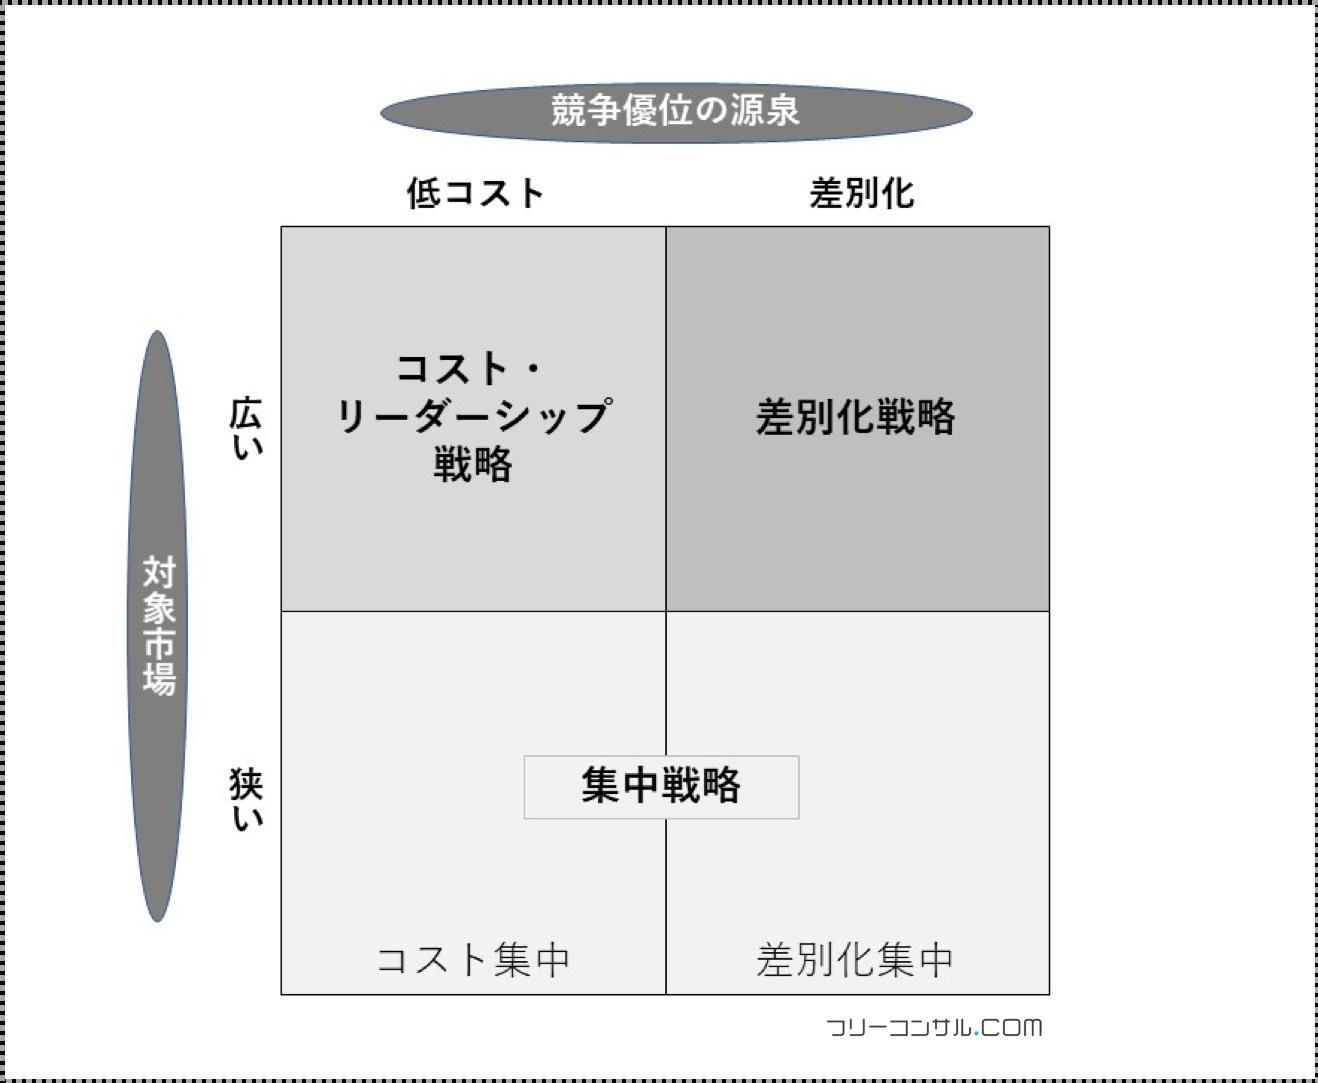 ポーターの3つの基本戦略